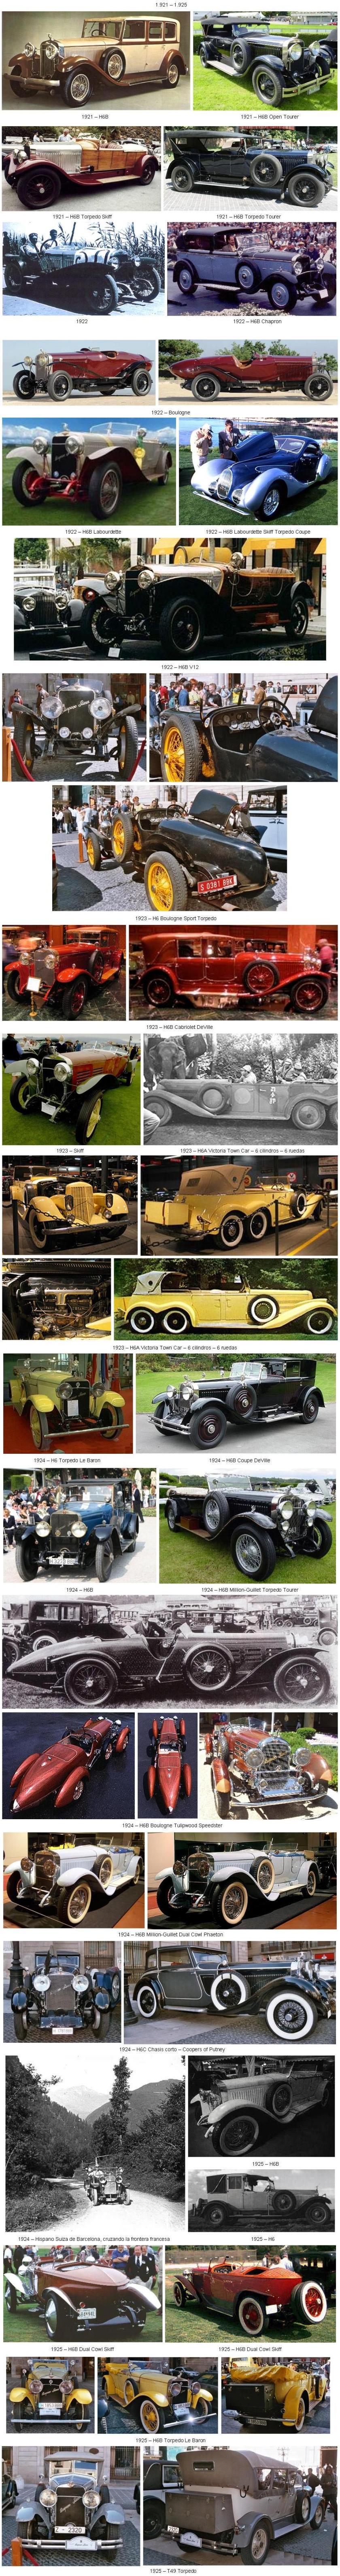 1921-1925 HISPANO SUIZA-03